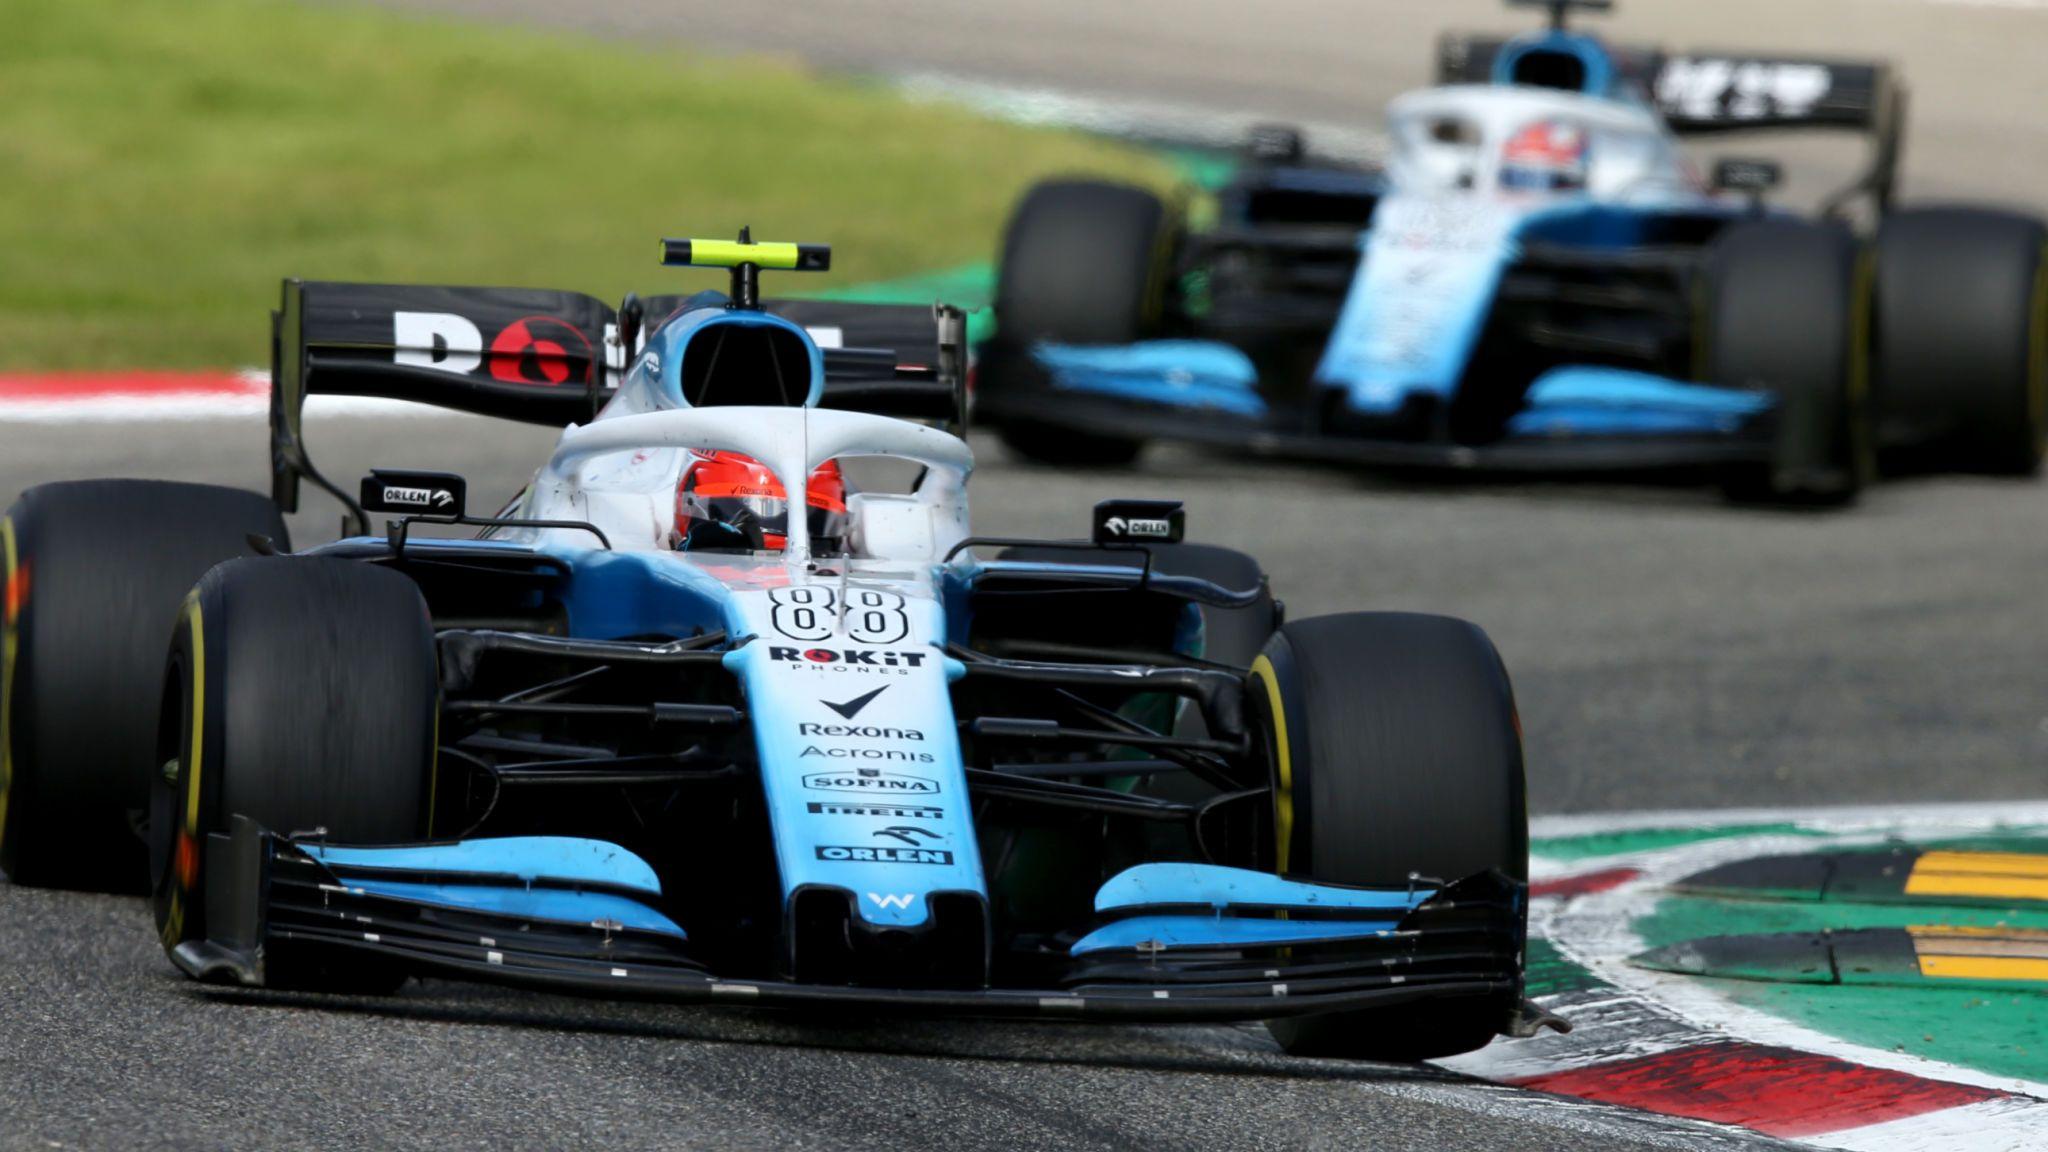 Fórmula 1: Escuderia Williams em 'lay-off' parcial